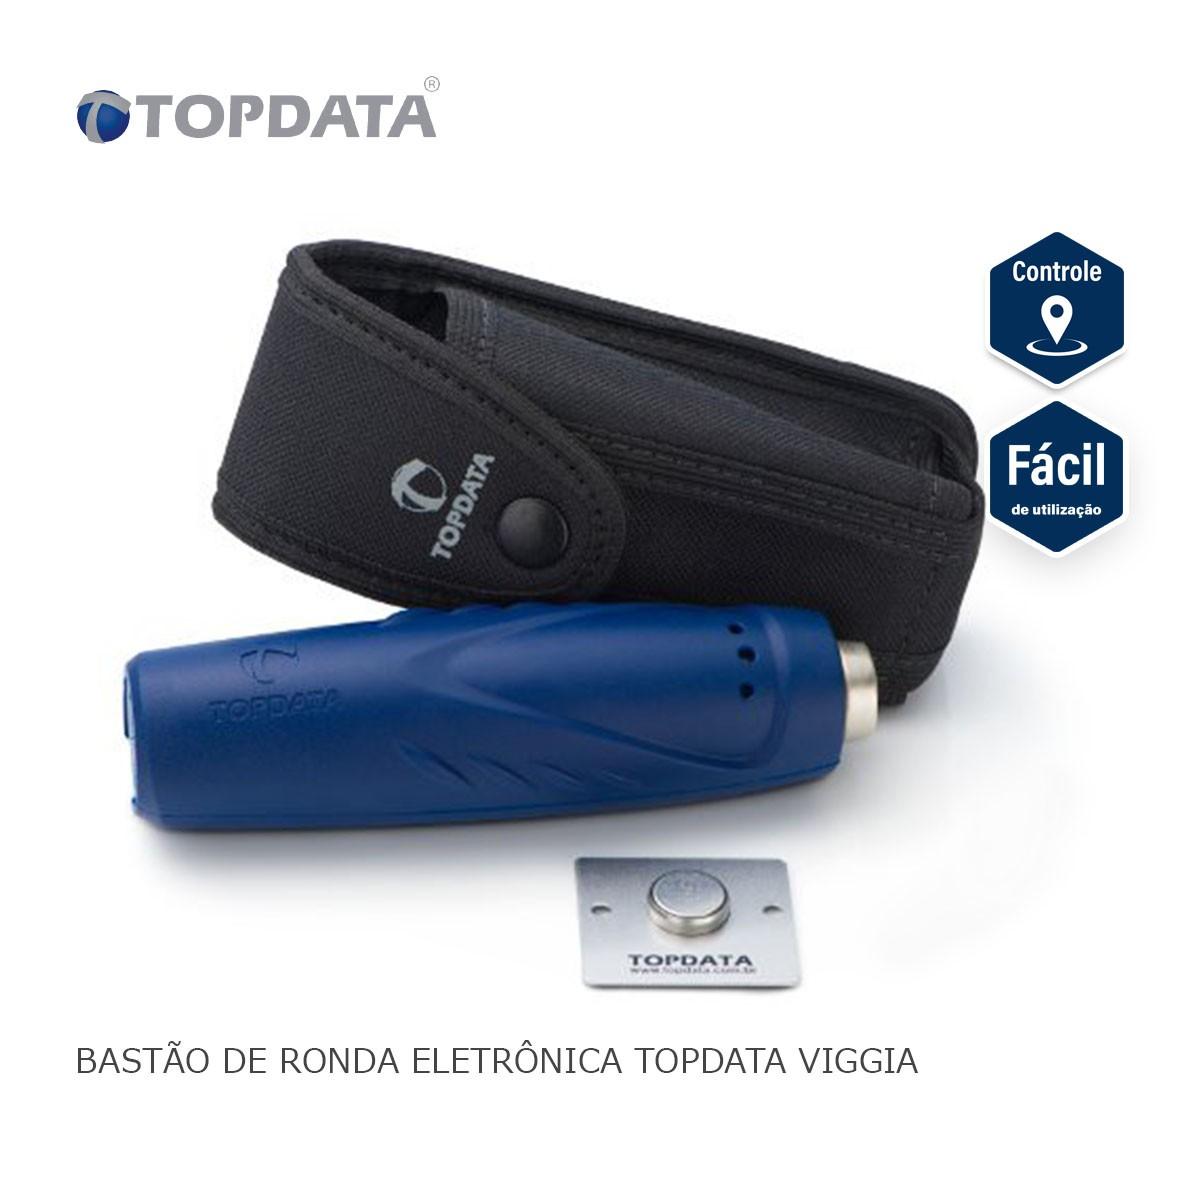 Bastão de Ronda Eletrônica Topdata Viggia